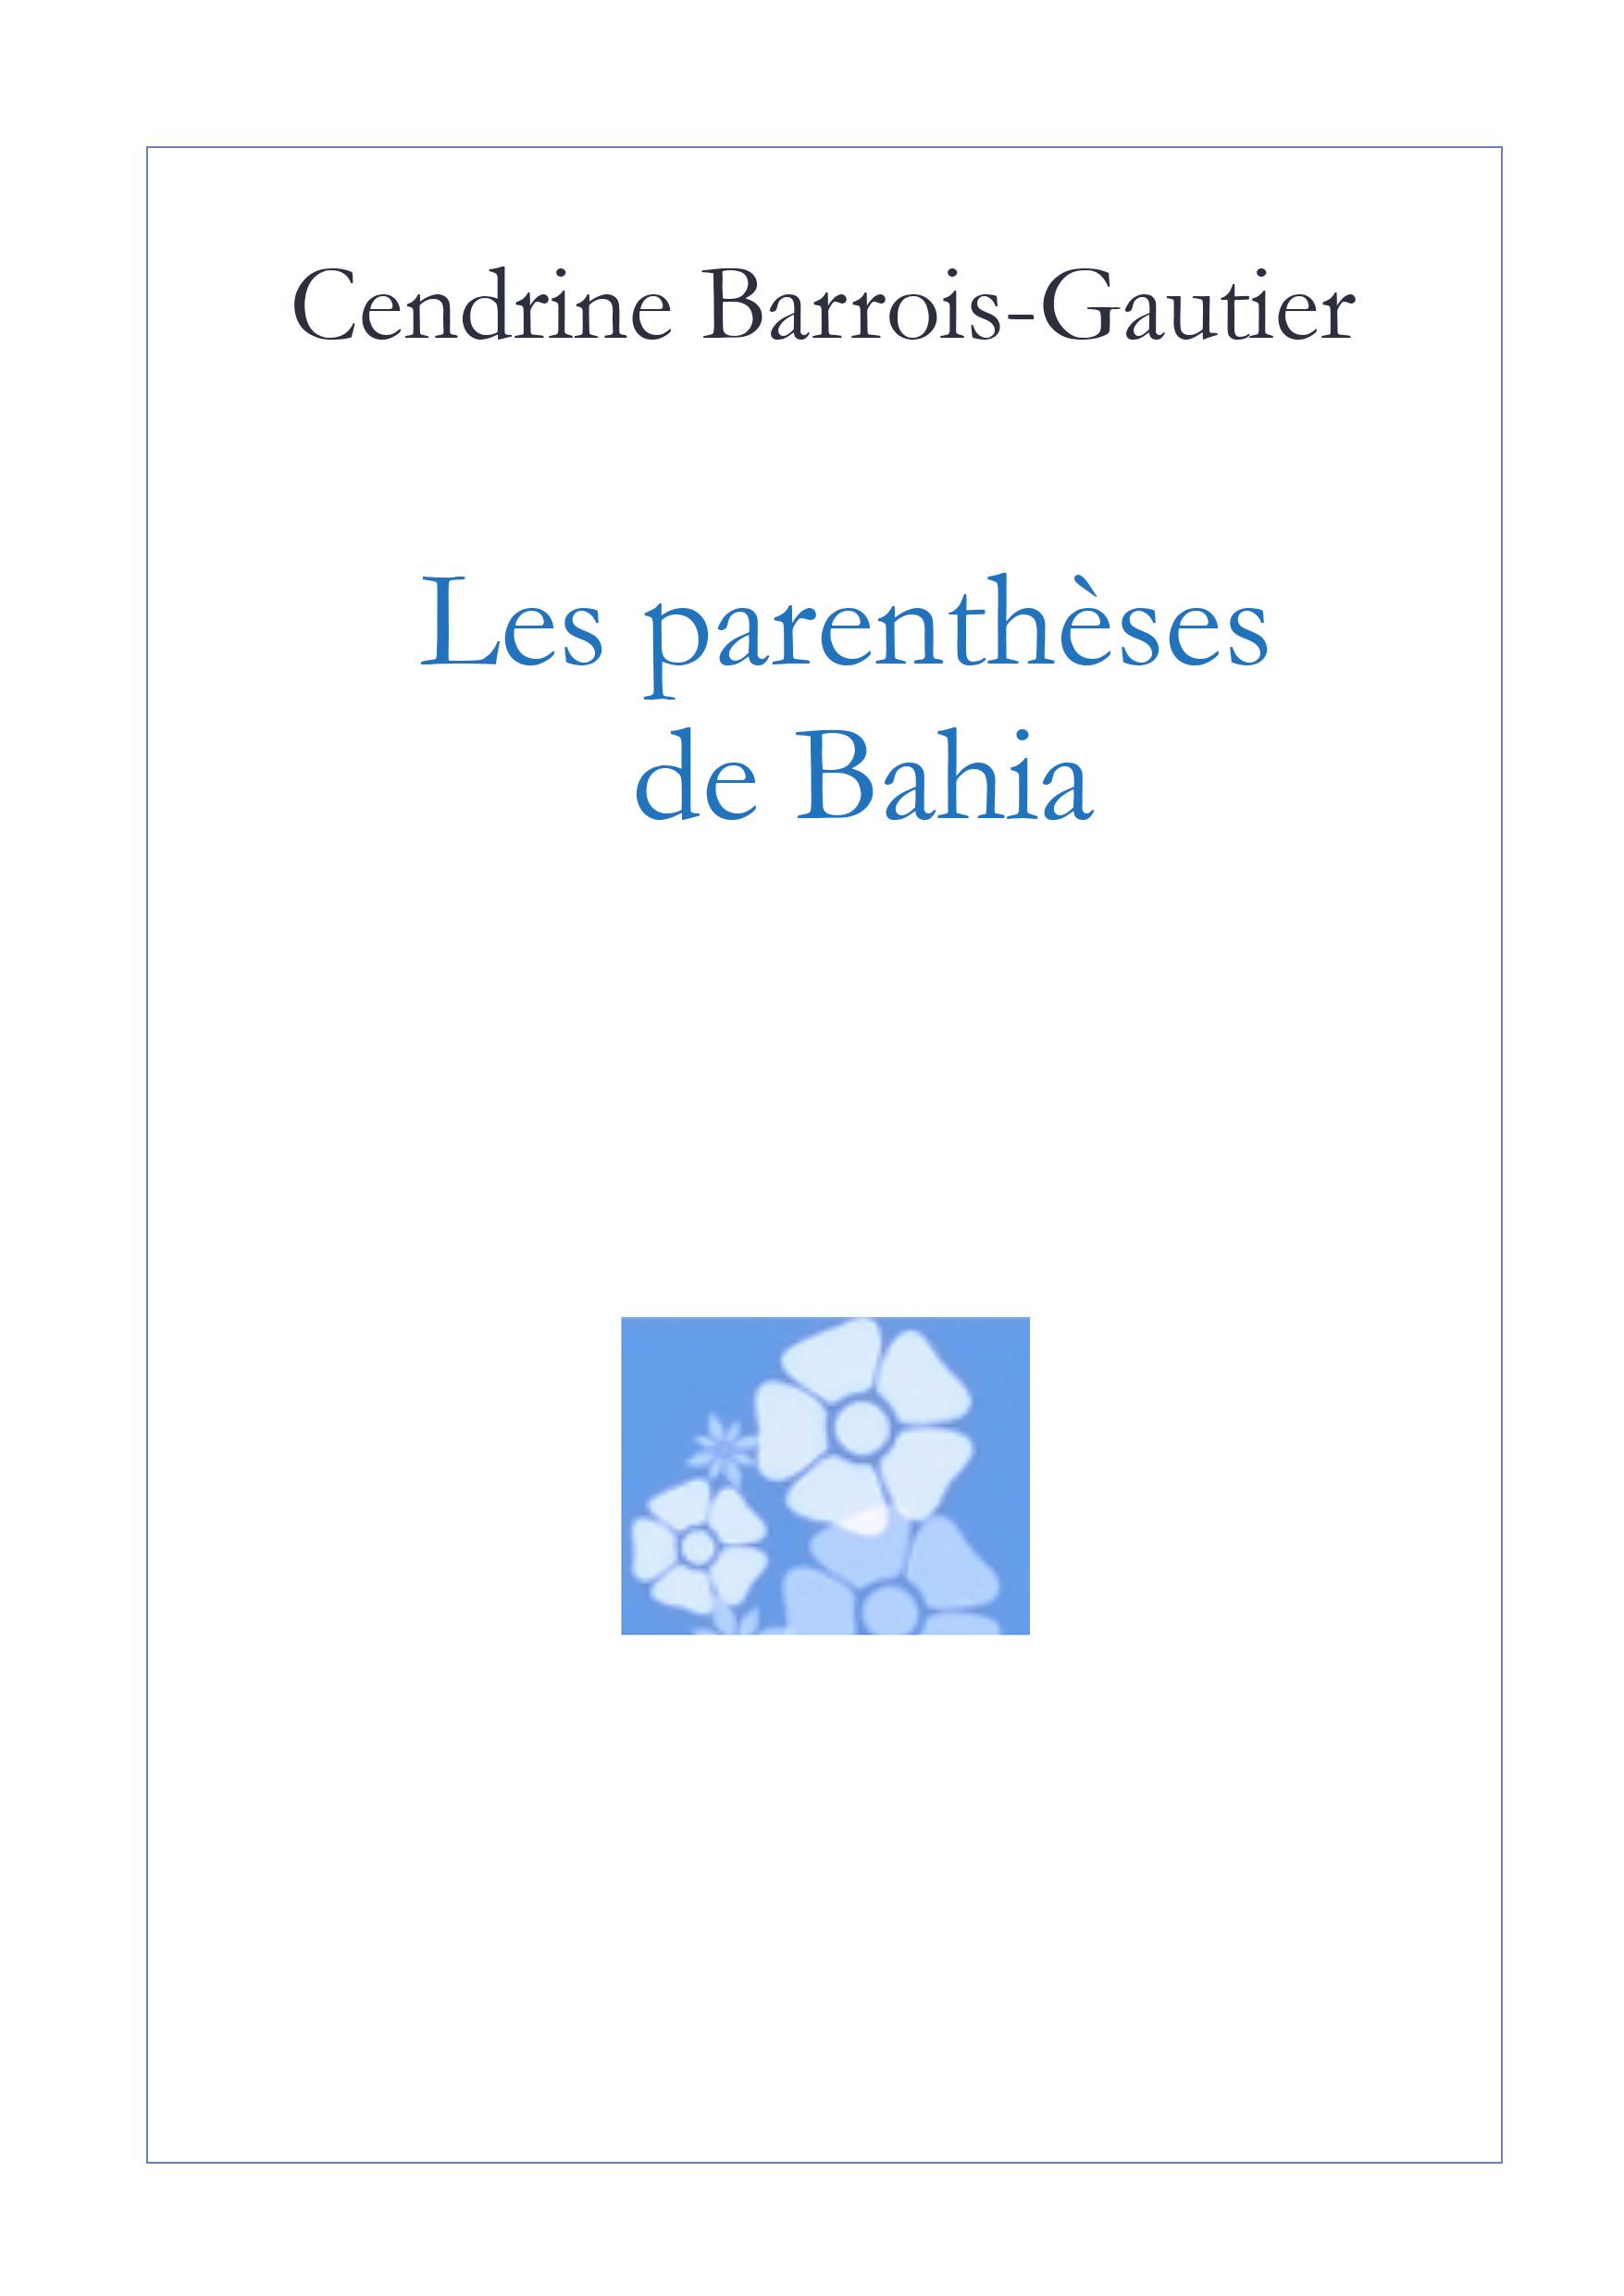 LES PARENTHESES DE BAHIA